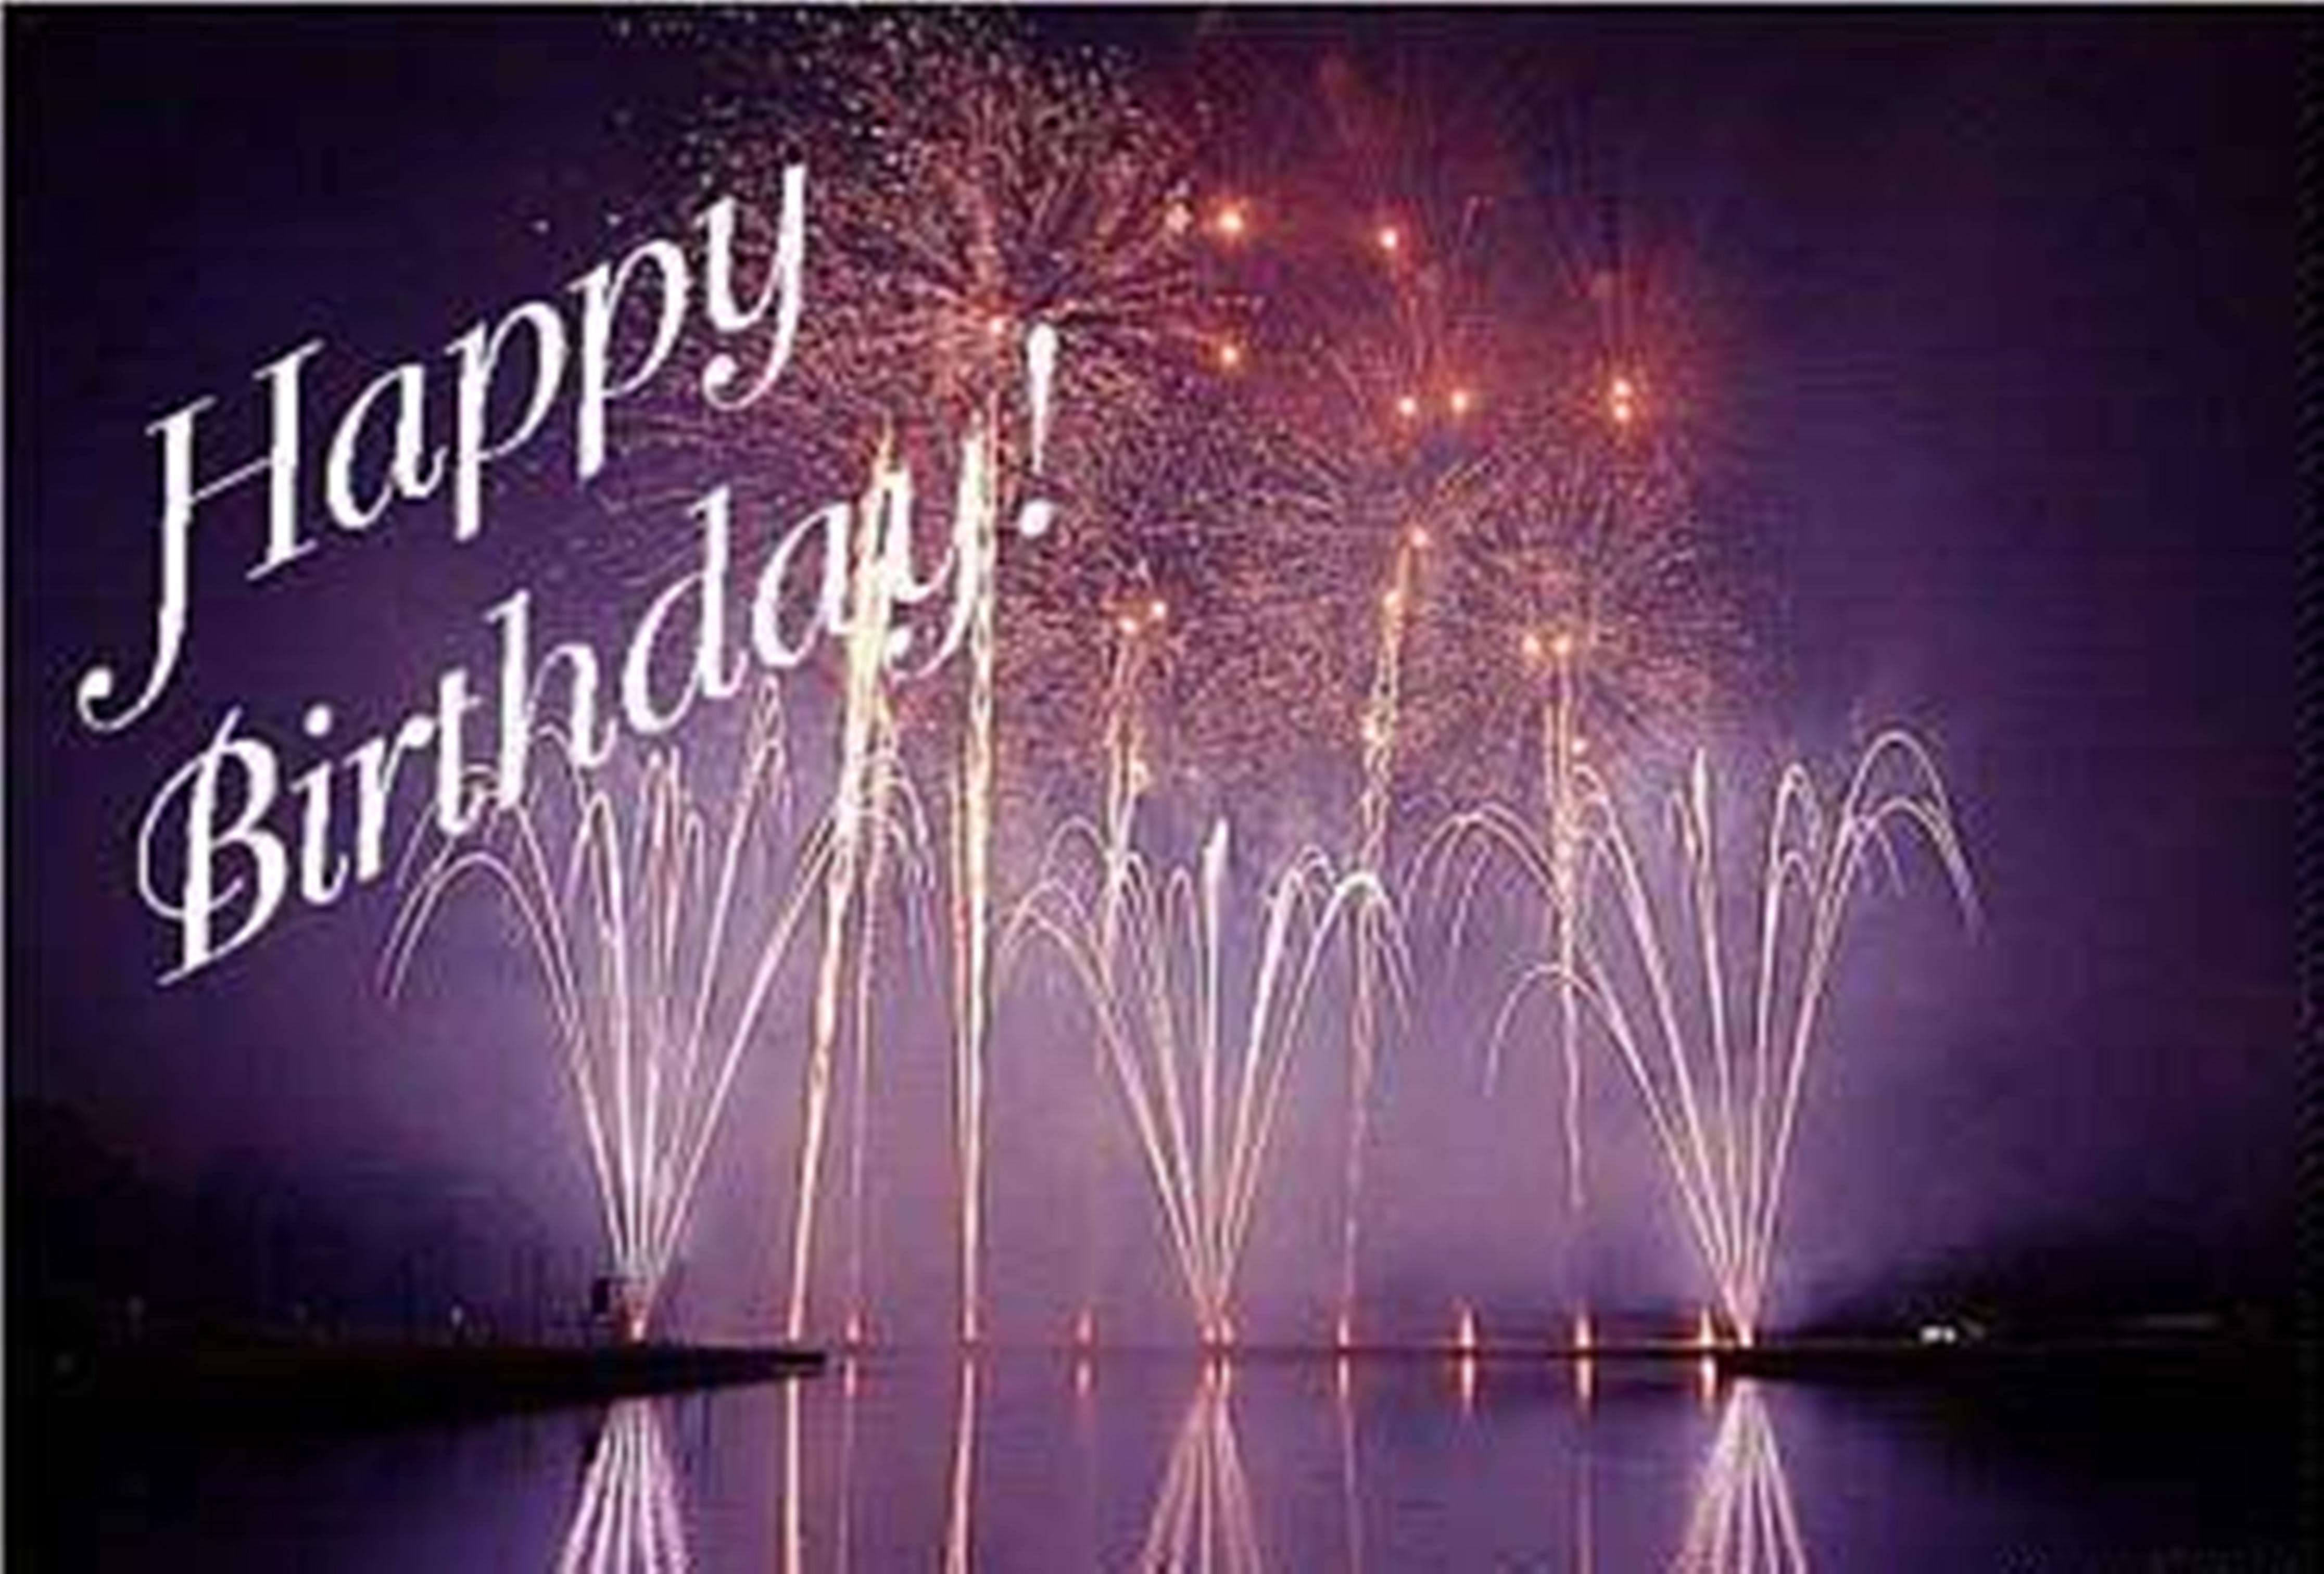 Поздравление с днем рождения на английском языке для мужчин